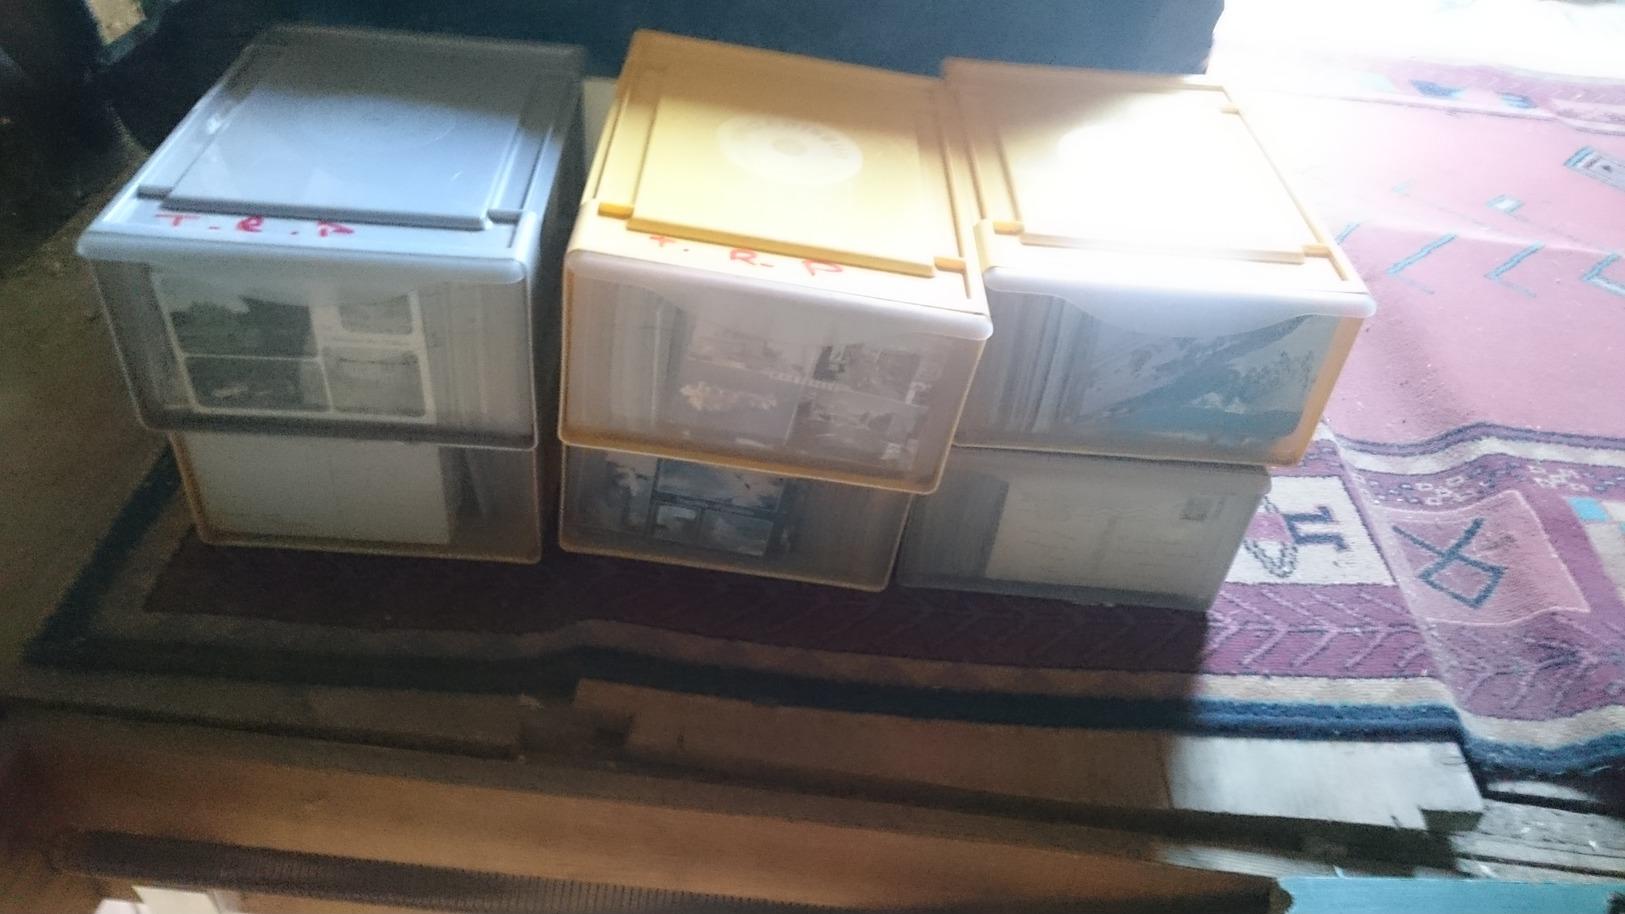 Lot 8000 Cartes Postales - Cartes Postales